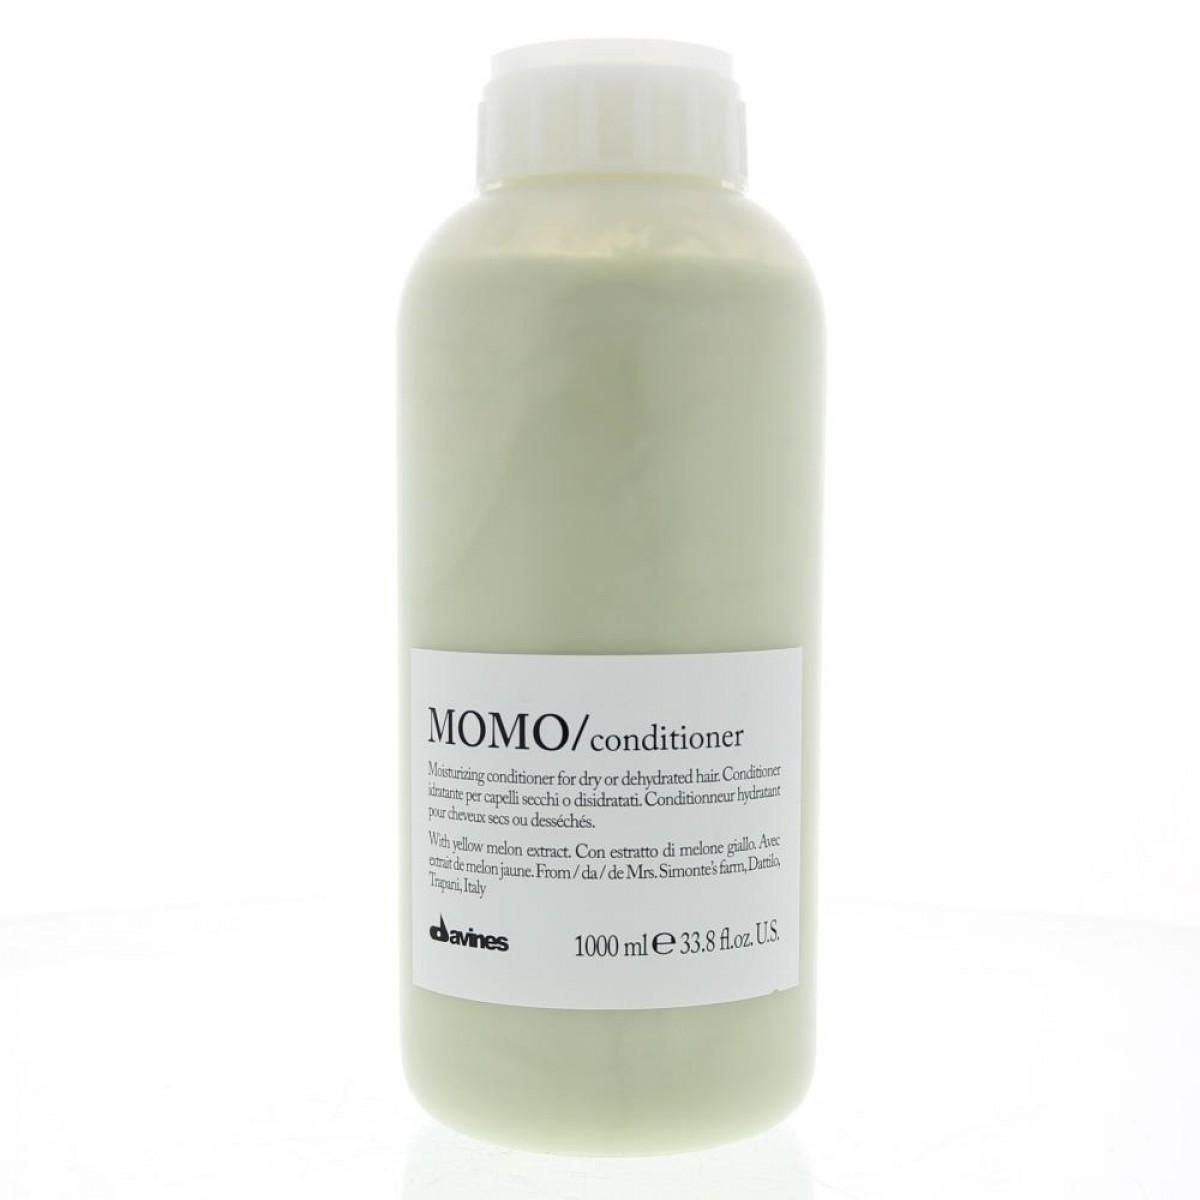 DAVINES MOMO/conditioner - Увлажняющий кондиционер, облегчающий расчесывание волос 1000мл. 75016